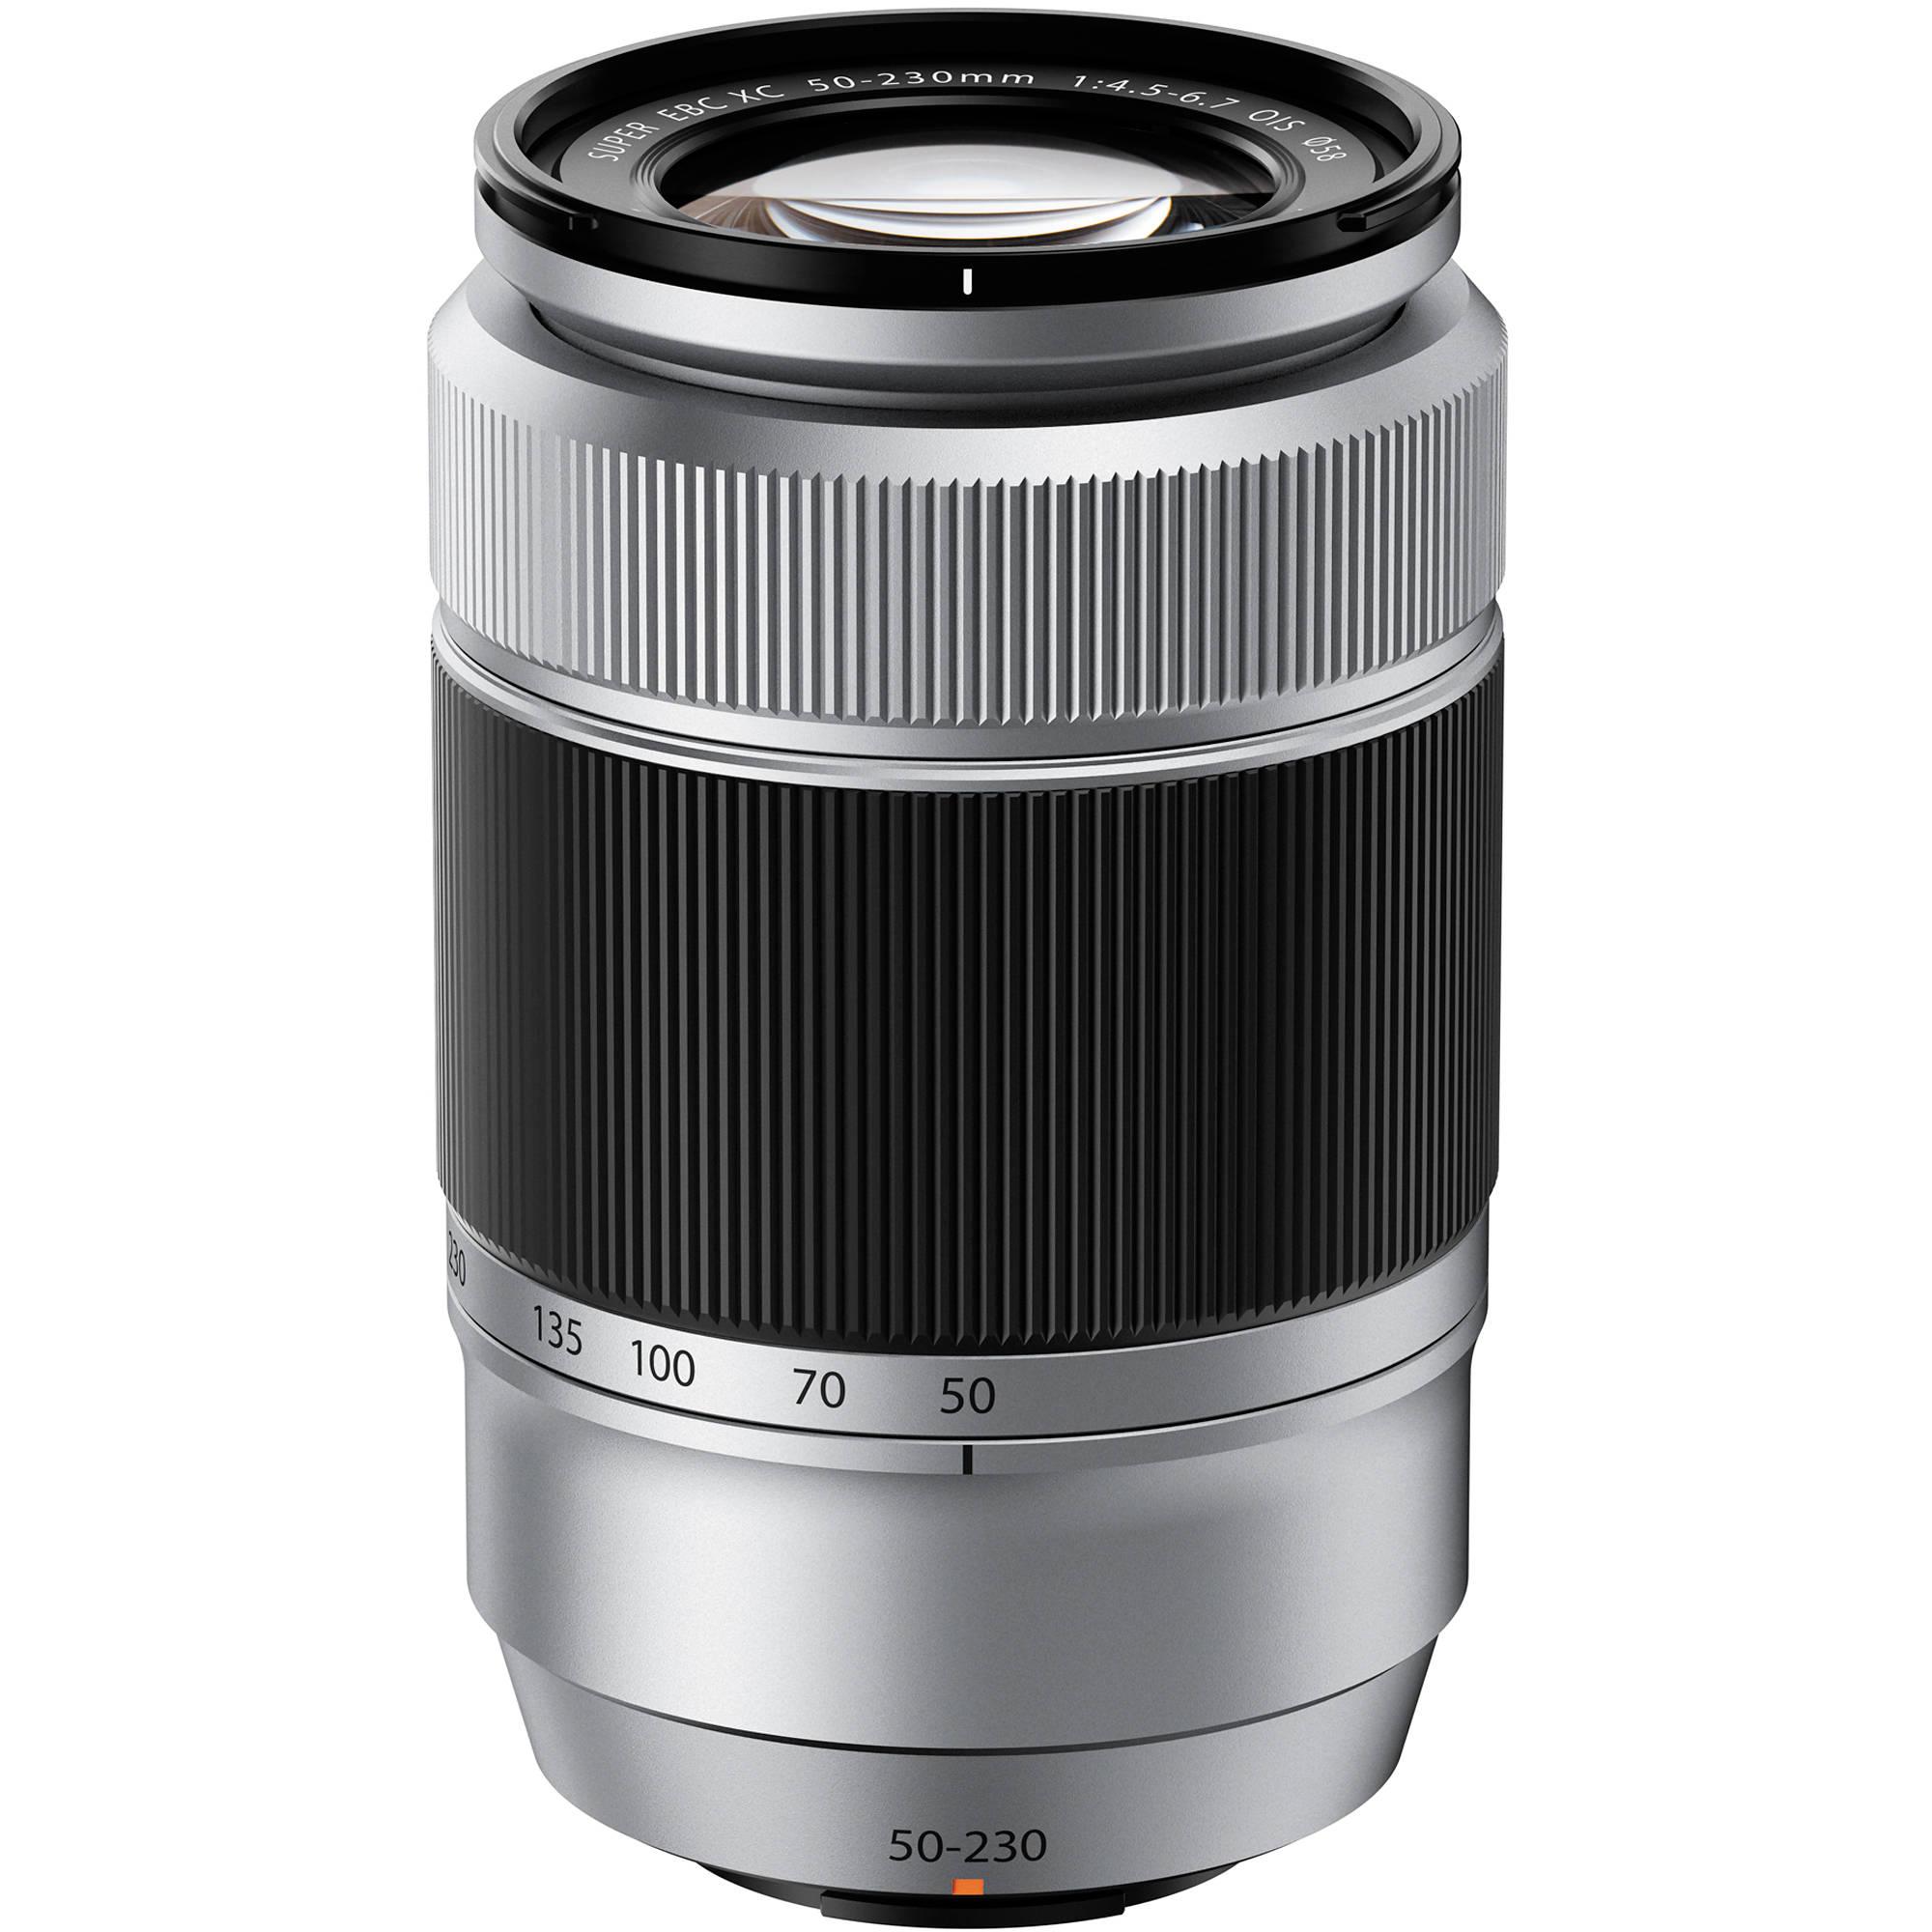 fujifilm xc 50-230mm f 4.5-6.7 ois firmware update